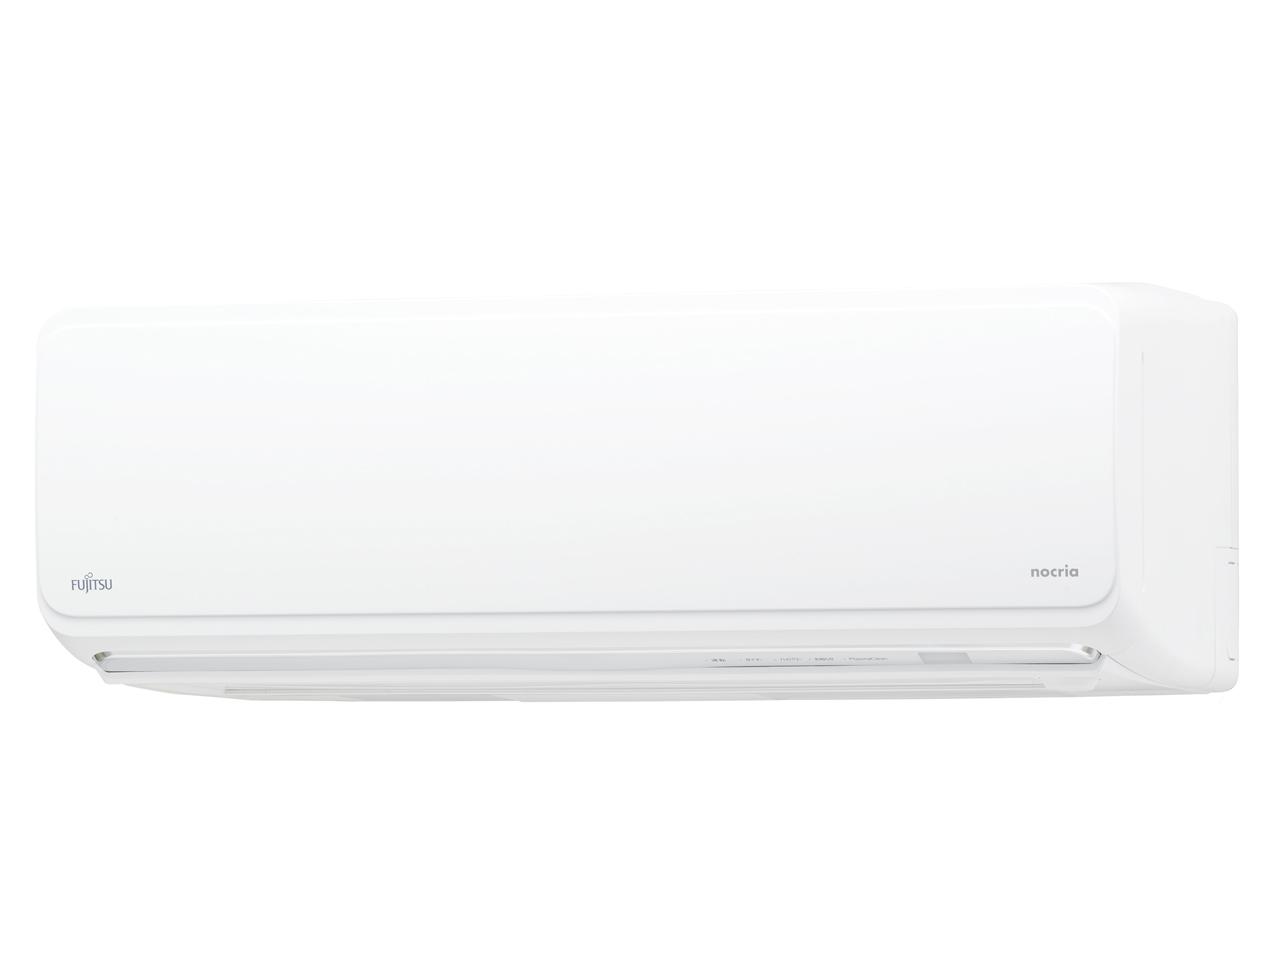 富士通ゼネラル 20年度モデル nocria Zシリーズ AS-Z71K2-W【冷暖房タイプ ルームエアコン】23畳用200V仕様